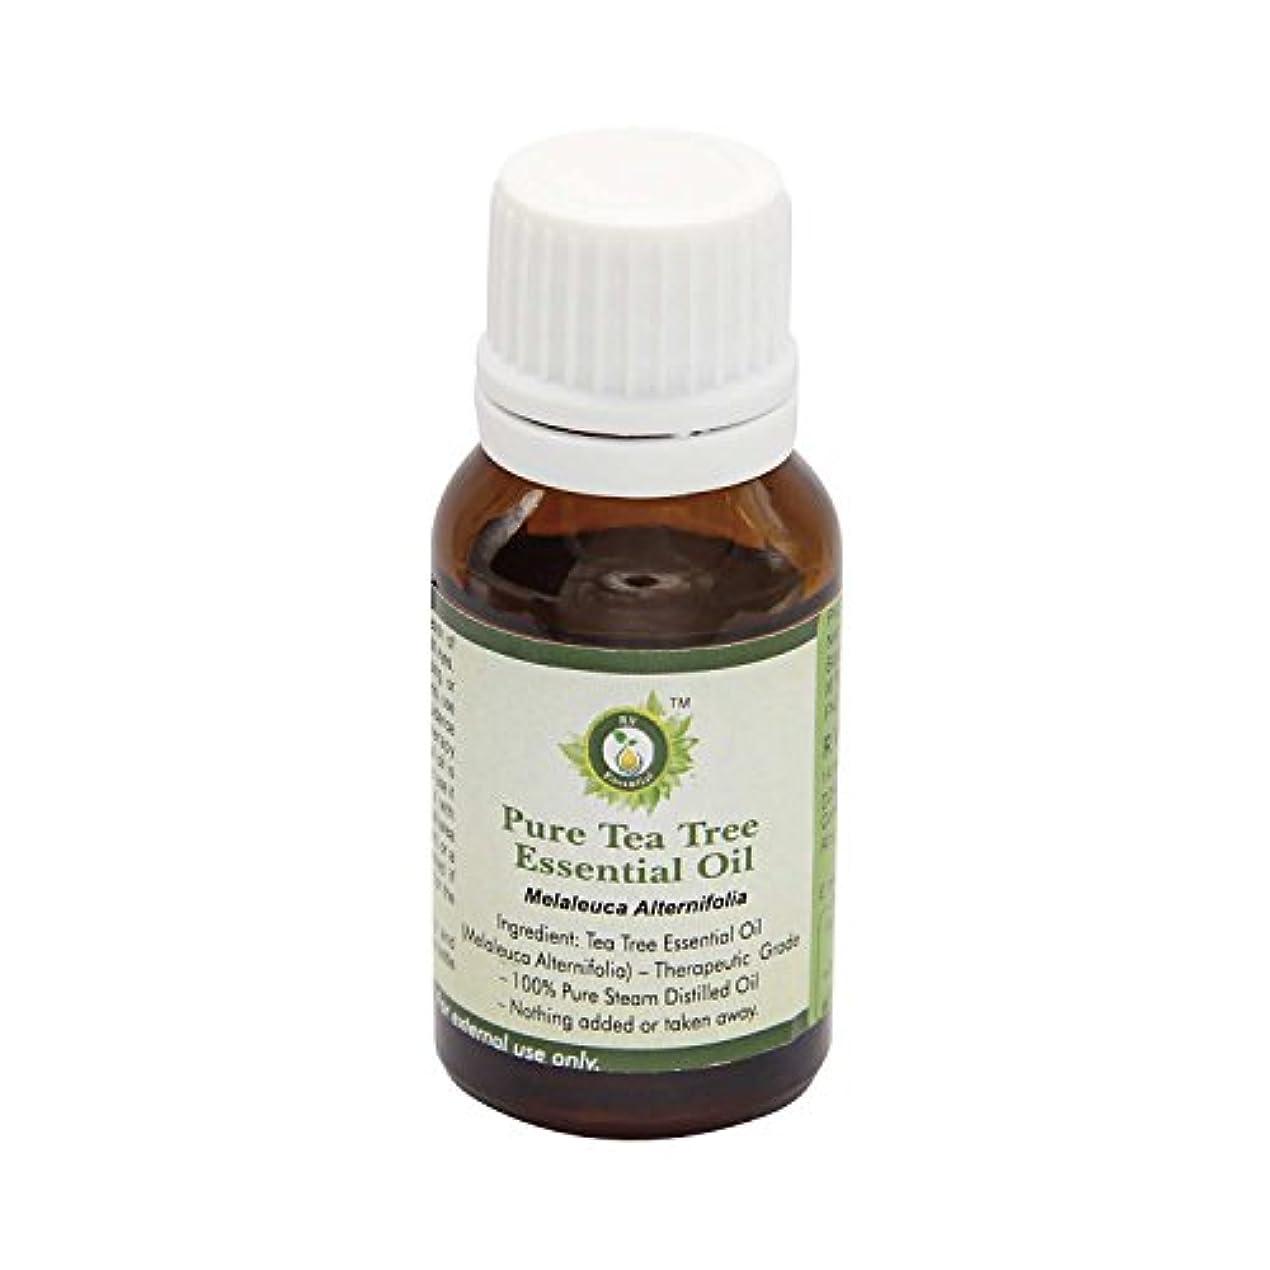 物足りないティームゲストR V Essential ピュアティーツリーエッセンシャルオイル5ml (0.169oz)- Melaleuca Alternifolia (100%純粋&天然スチームDistilled) Pure Tea Tree...